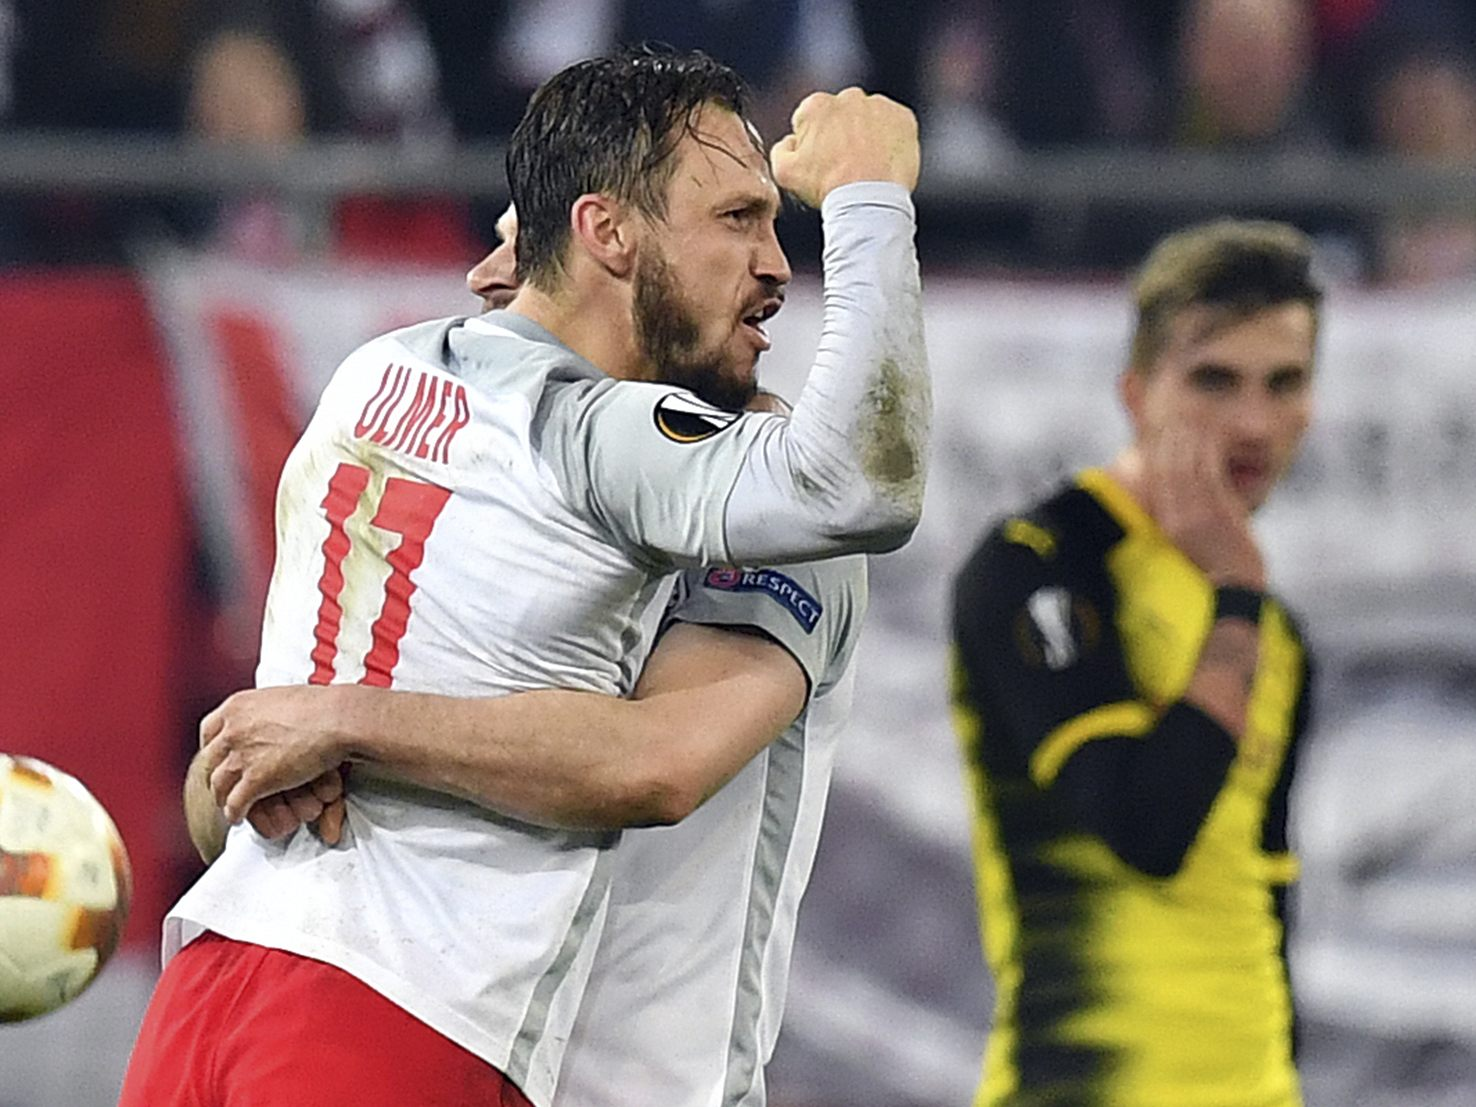 Vorjahresfinale Juve vs. Real im Viertelfinale, Bayern gegen Sevilla